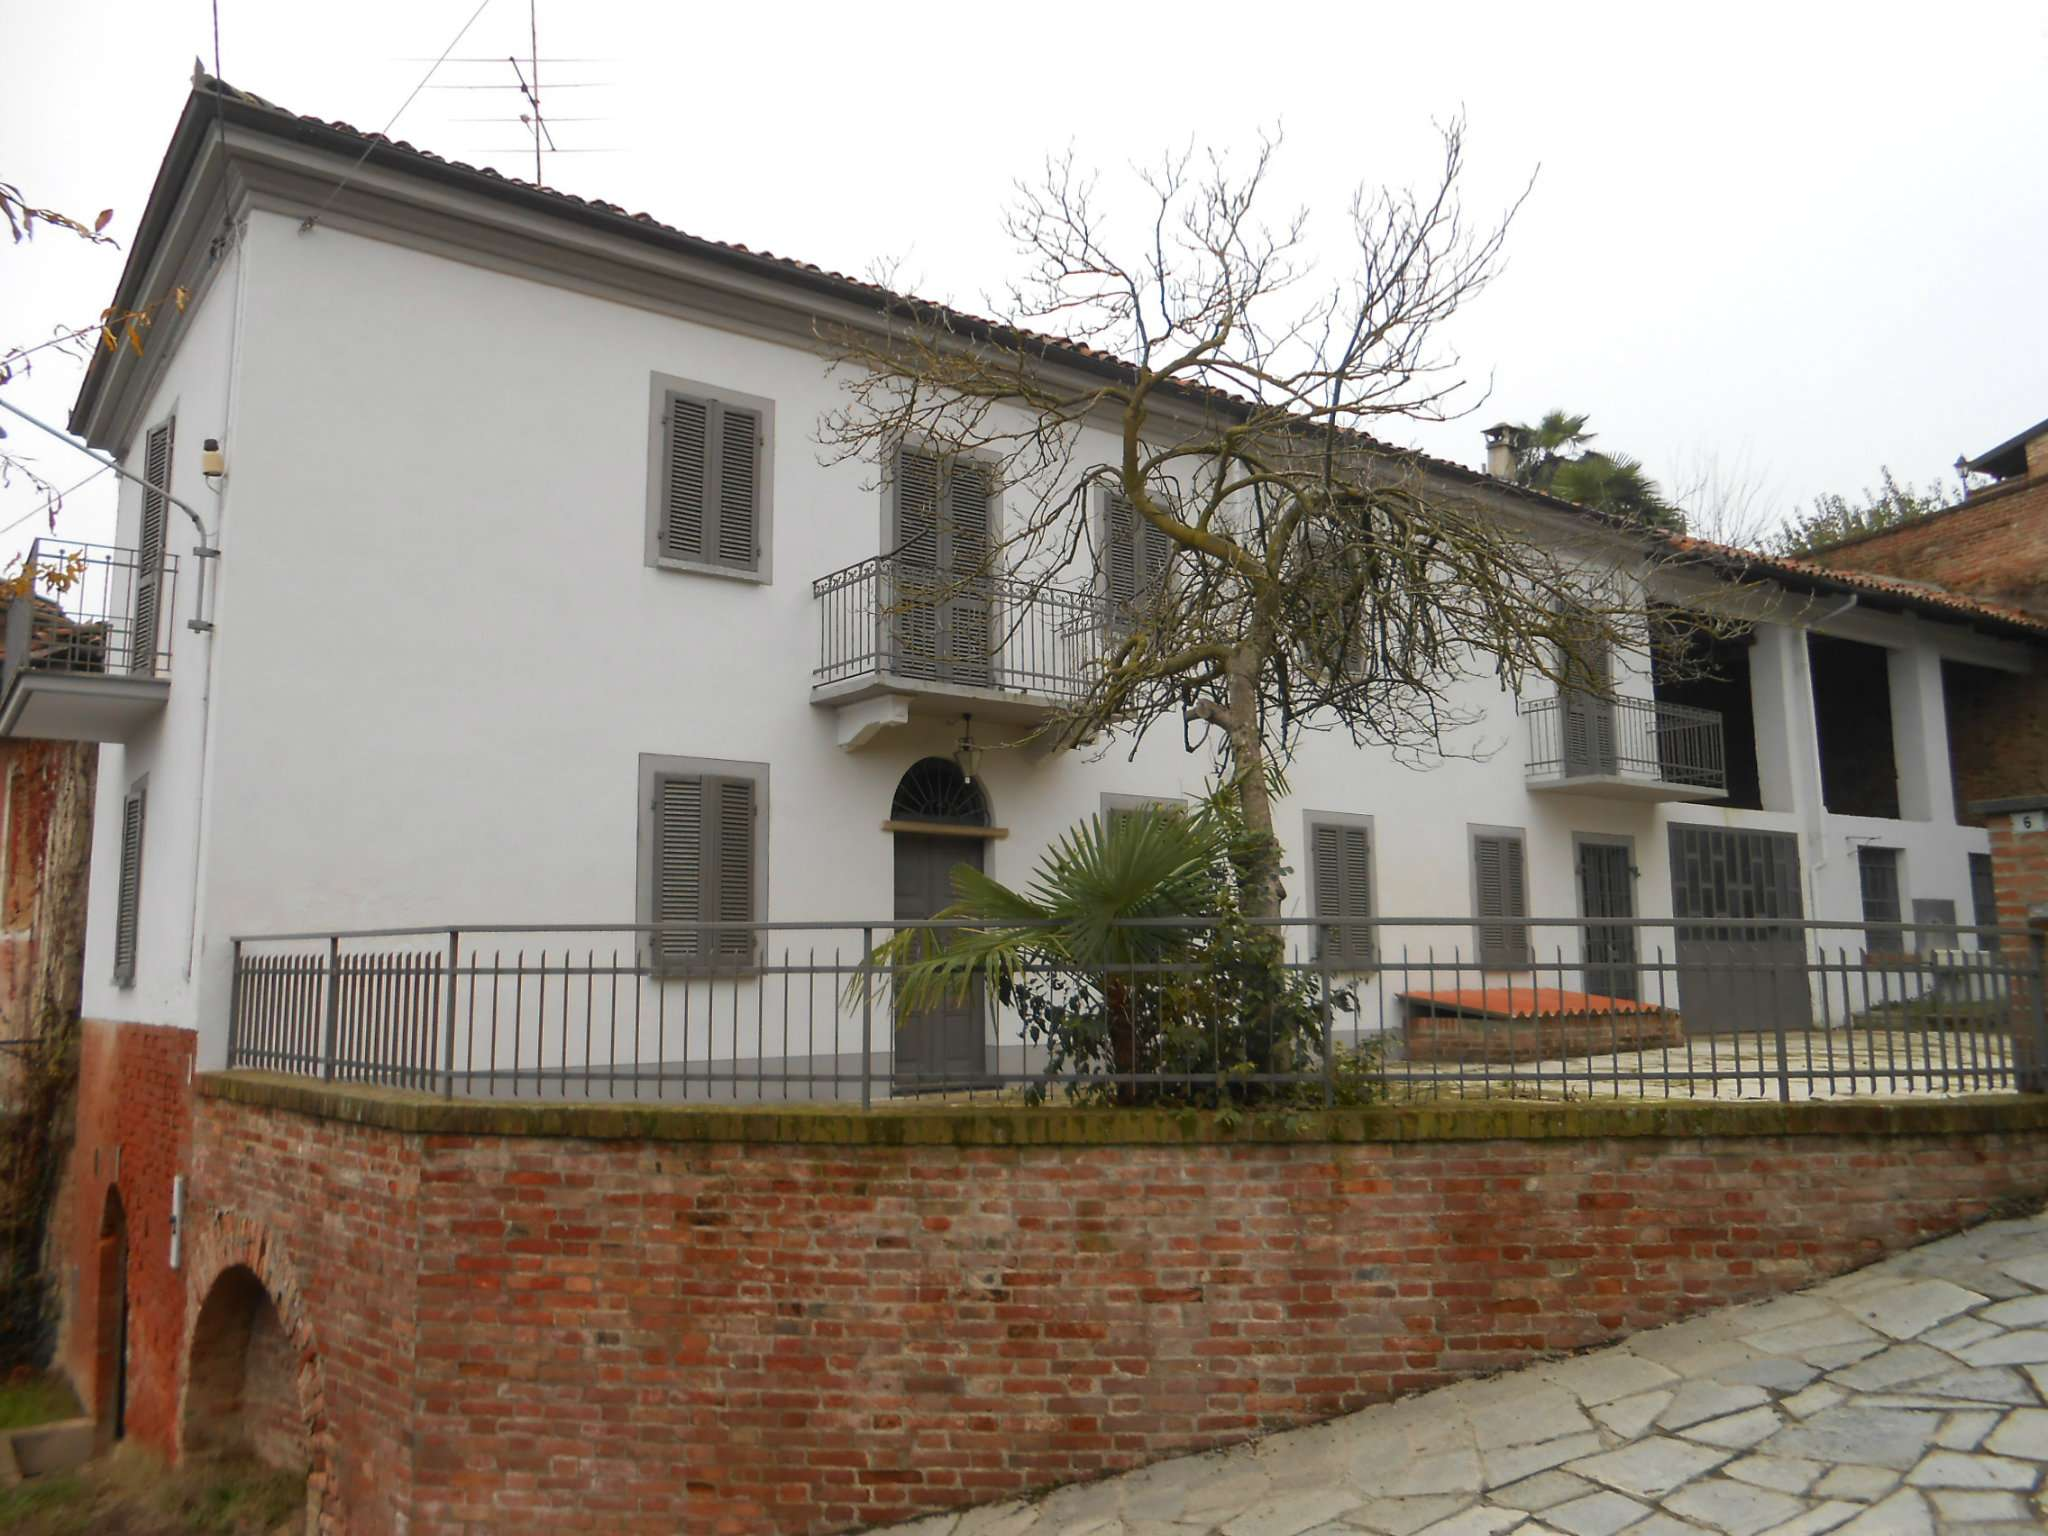 Soluzione Indipendente in vendita a Cossombrato, 12 locali, prezzo € 98.000 | CambioCasa.it